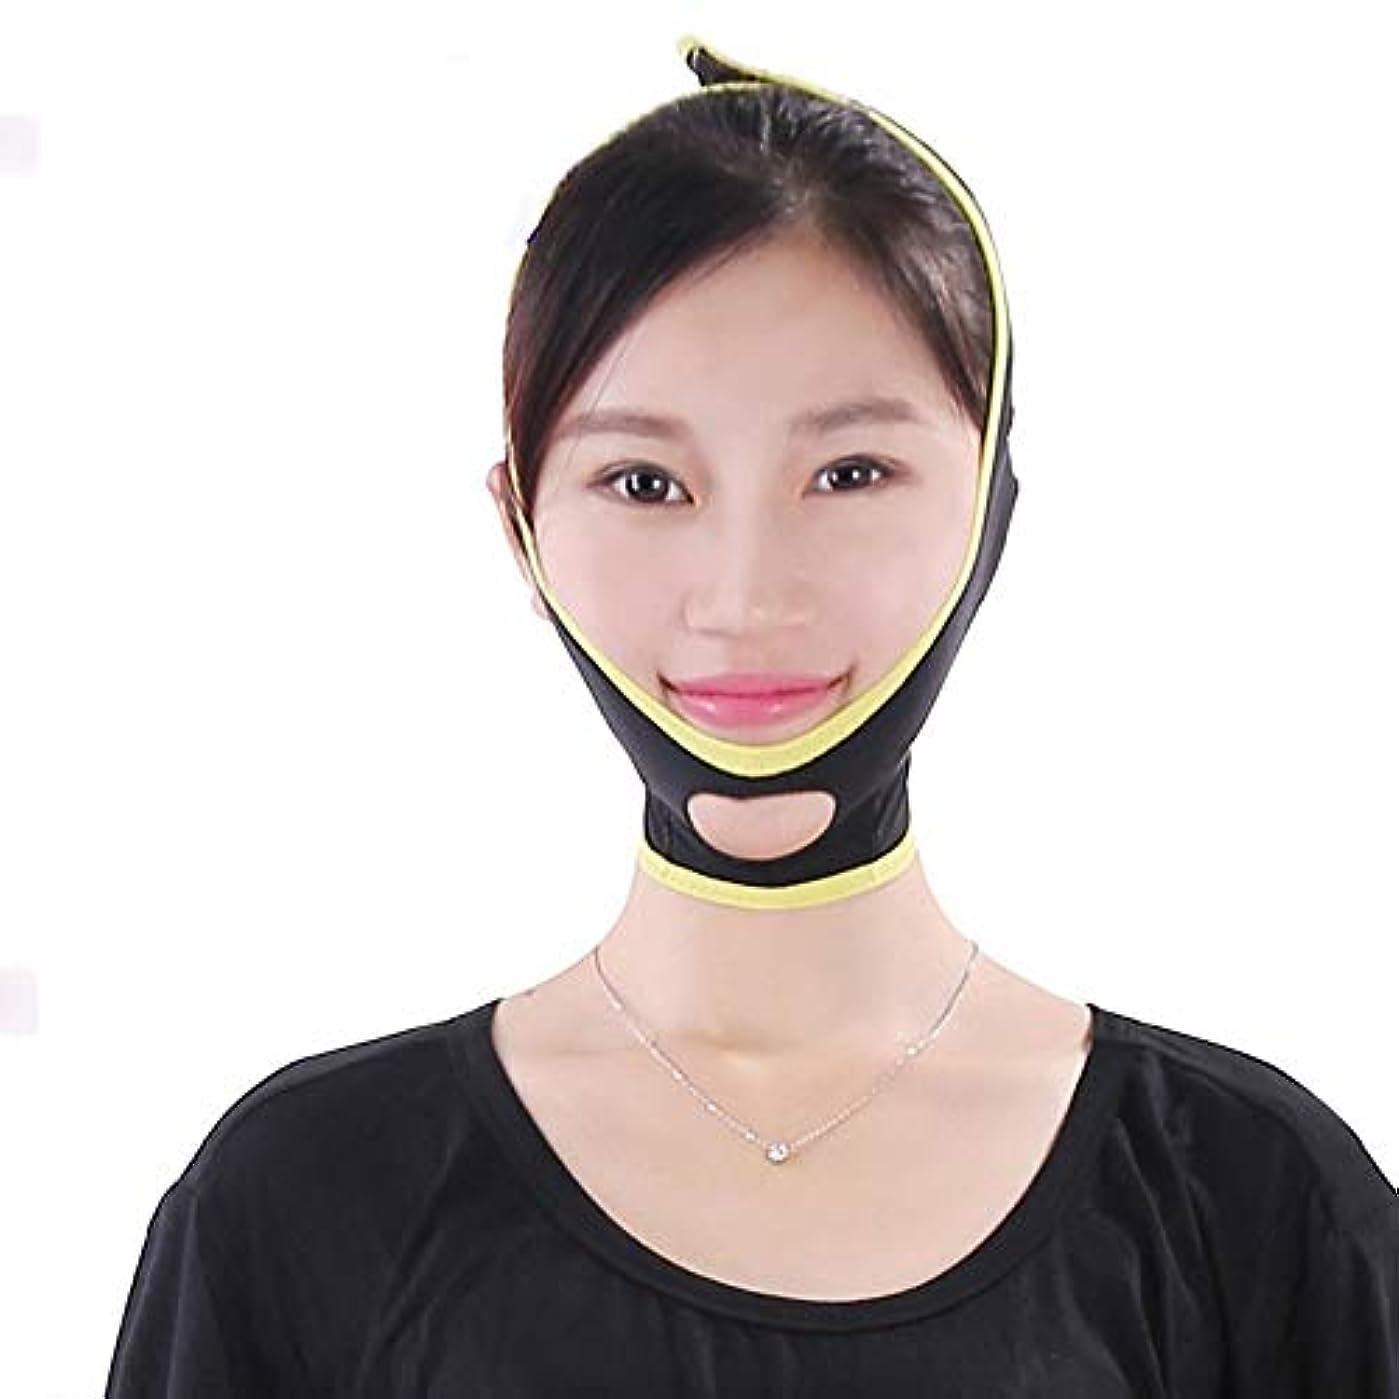 トライアスリート豚じゃがいもVフェイスマスク、フェイスリフティングアーティファクト、美容マスク、顔のしわ防止、減量、二重あご